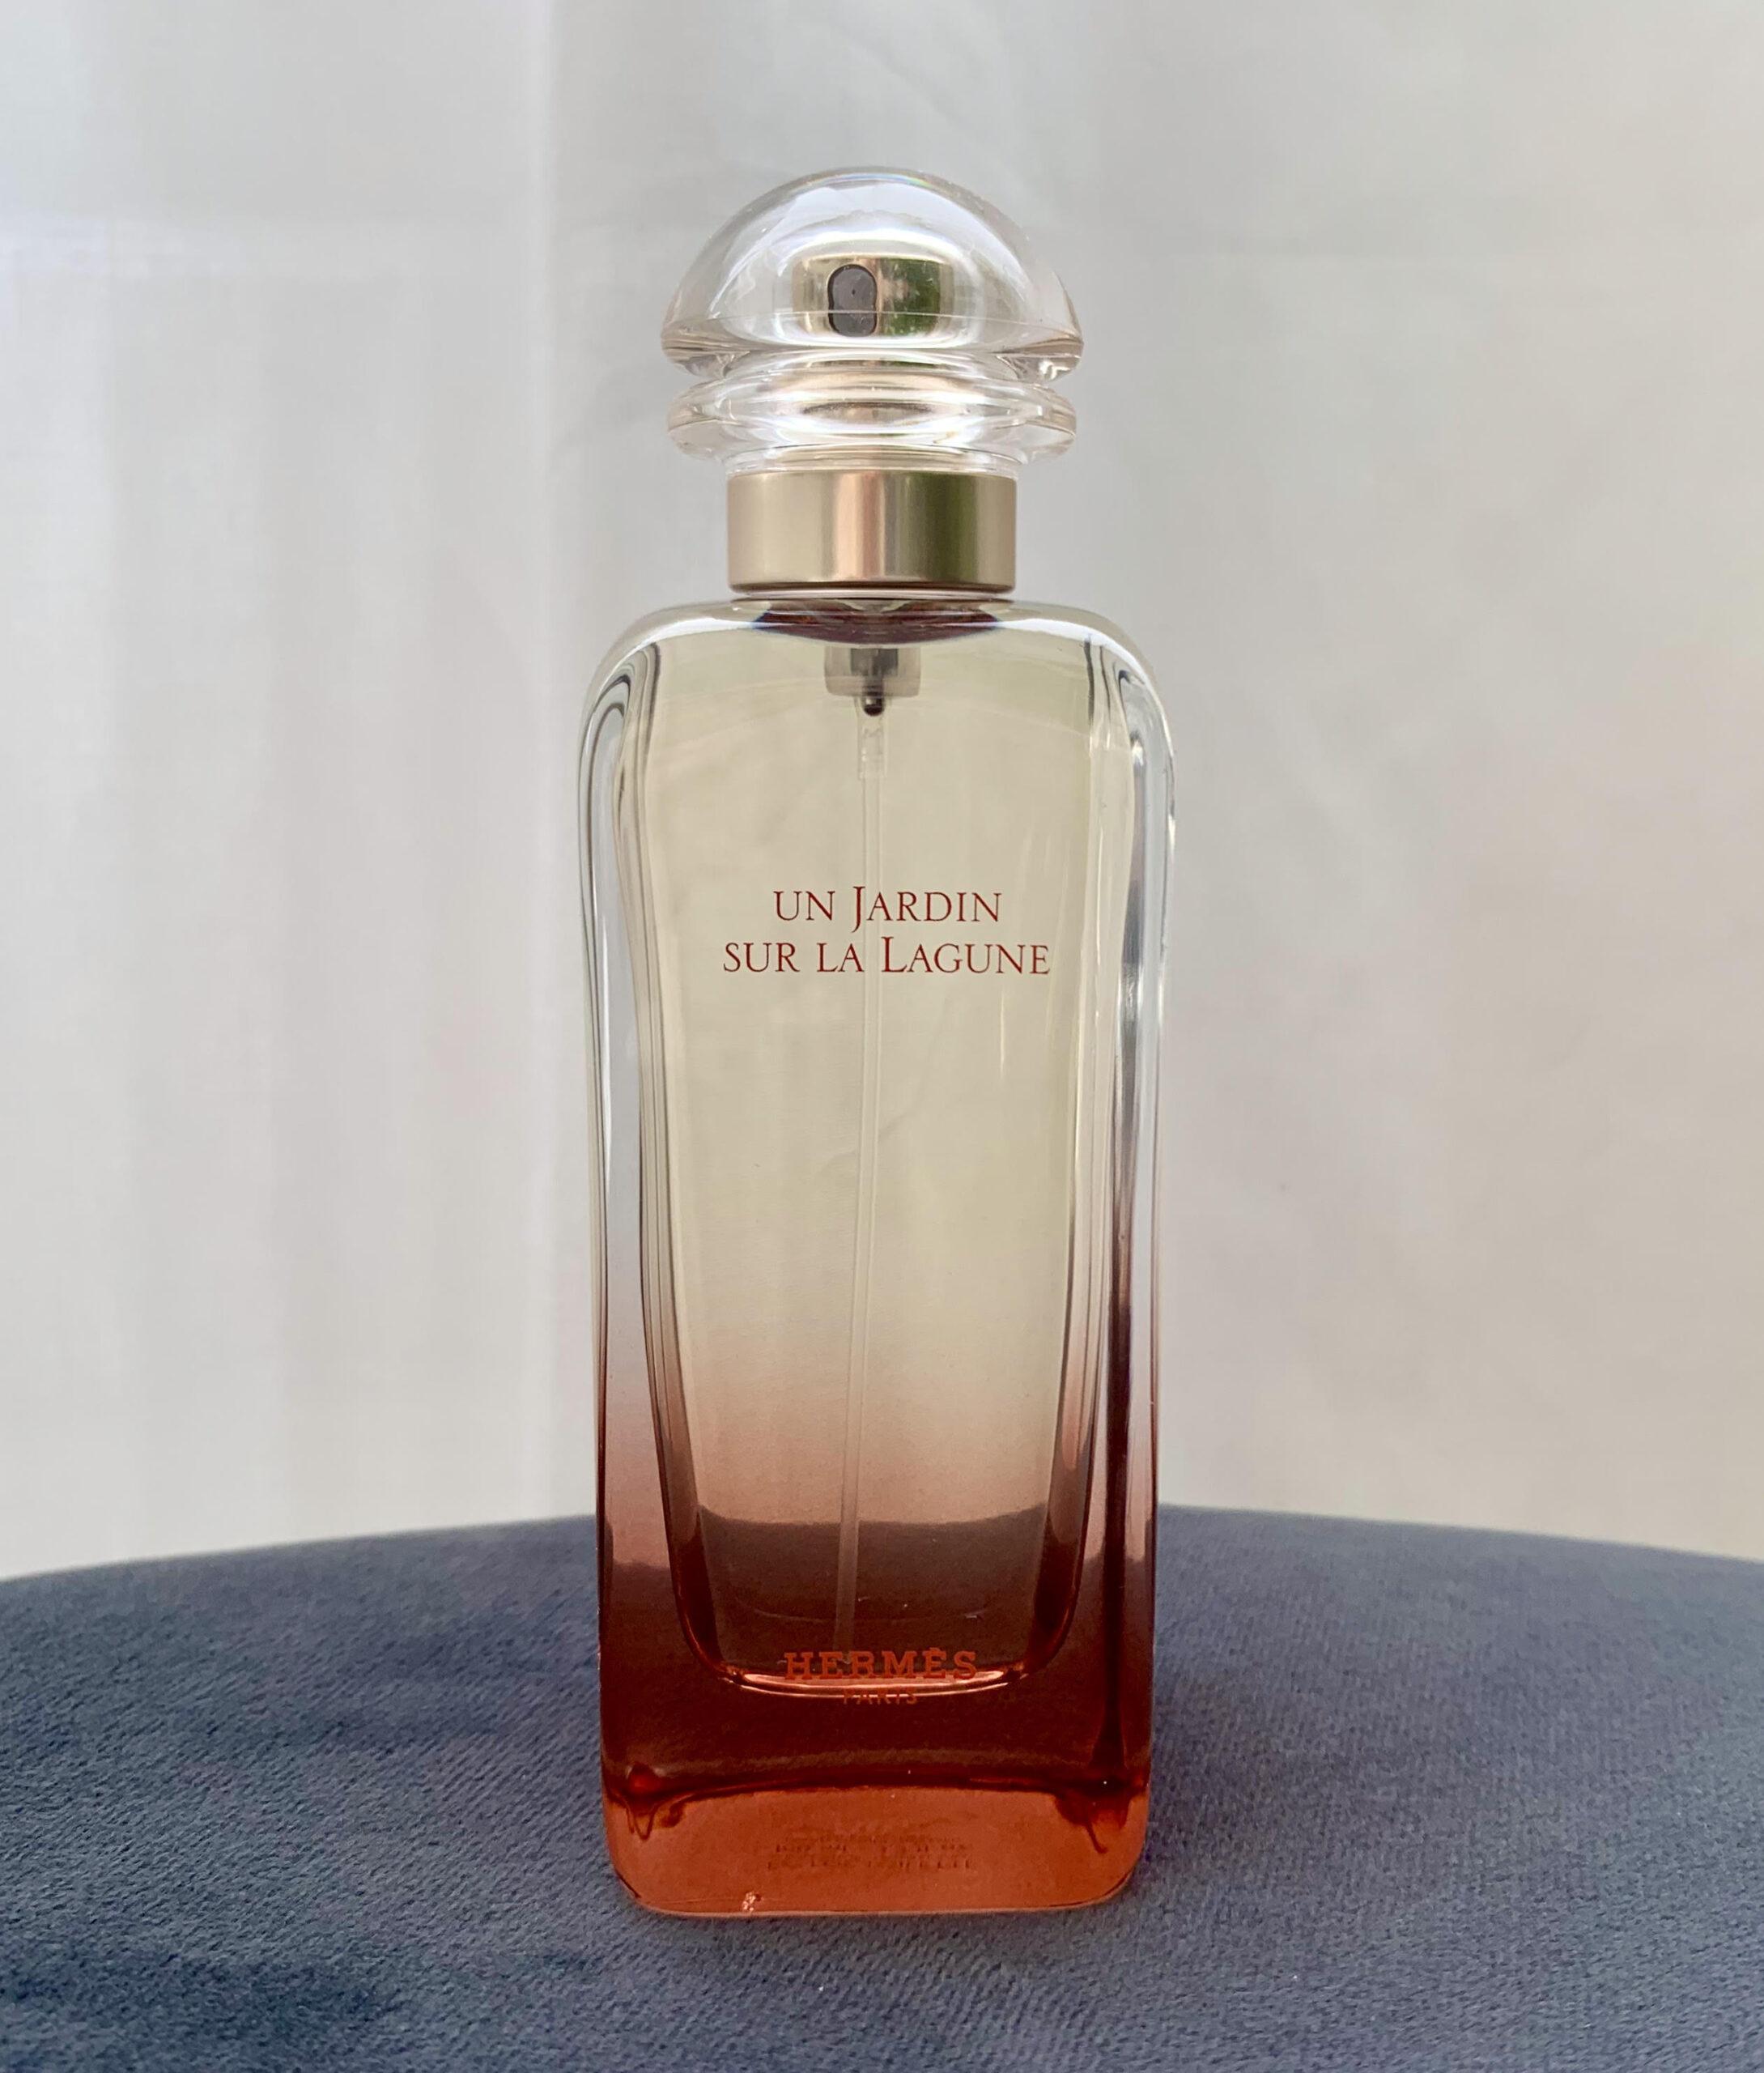 Parfume, sommerparfumer, lette dufte, Un Jardin Sur La Lagune, Hermes